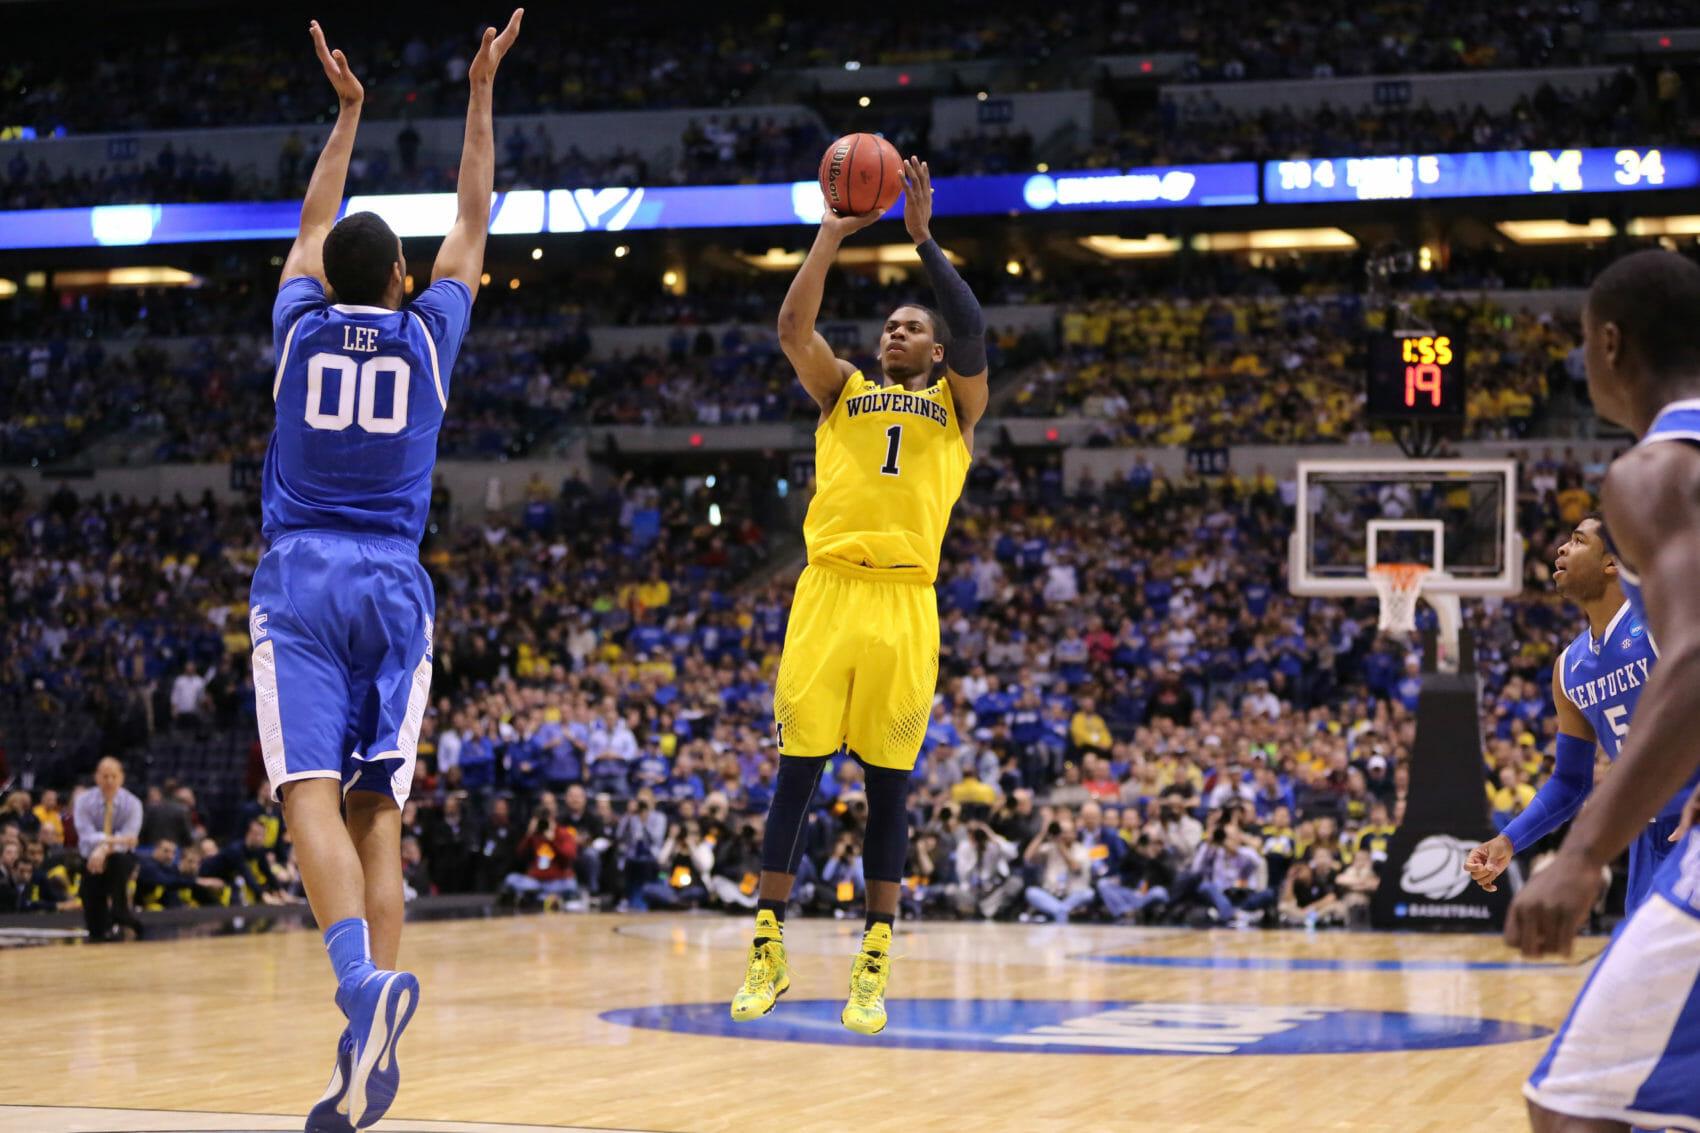 Kentucky 75, Michigan 72-14